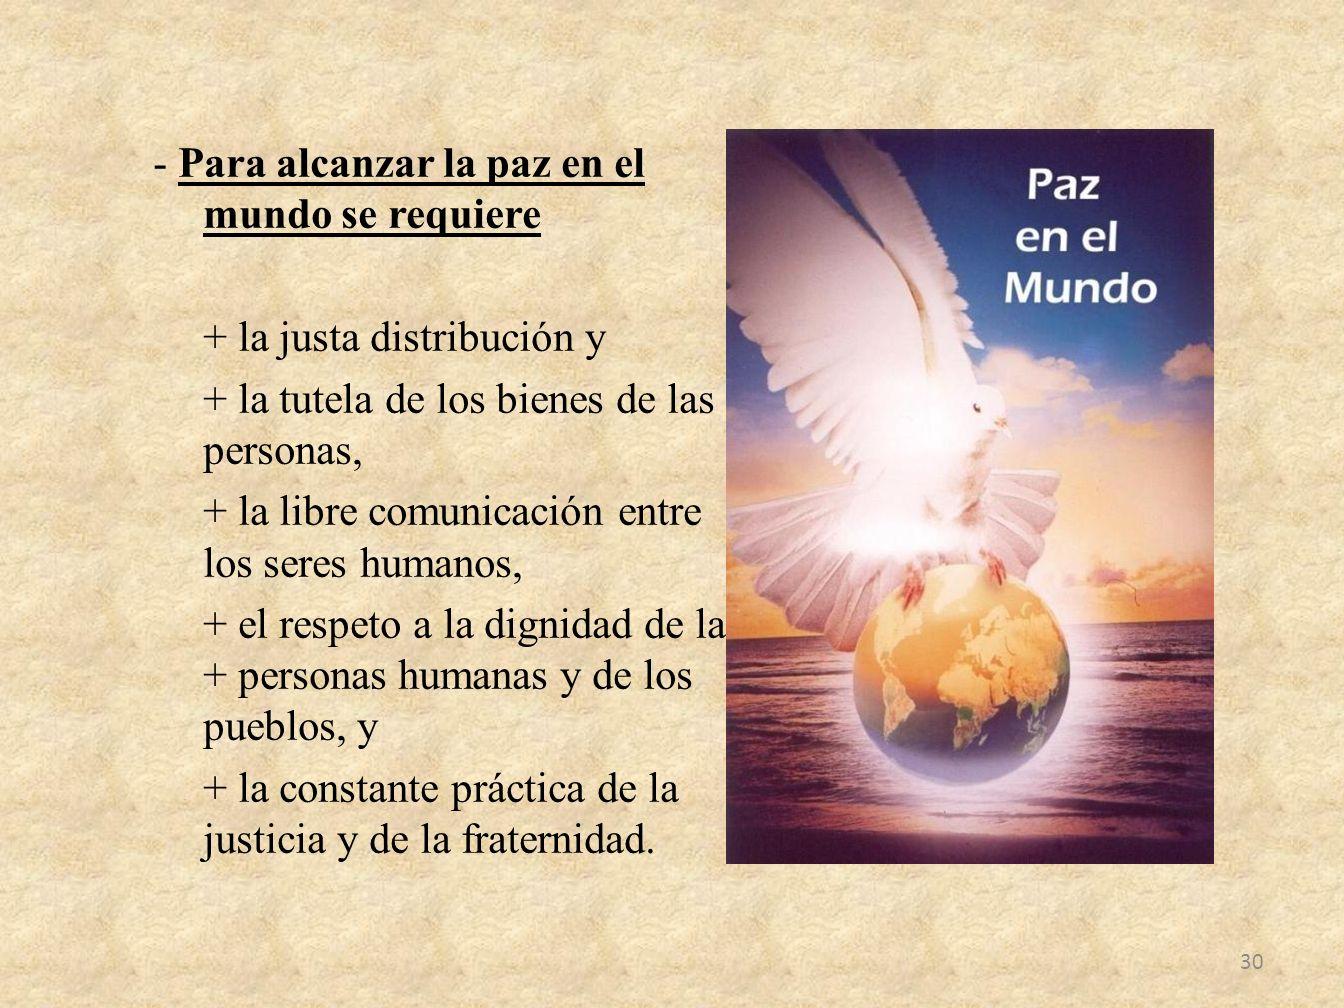 - Para alcanzar la paz en el mundo se requiere + la justa distribución y + la tutela de los bienes de las personas, + la libre comunicación entre los seres humanos, + el respeto a la dignidad de las + personas humanas y de los pueblos, y + la constante práctica de la justicia y de la fraternidad.